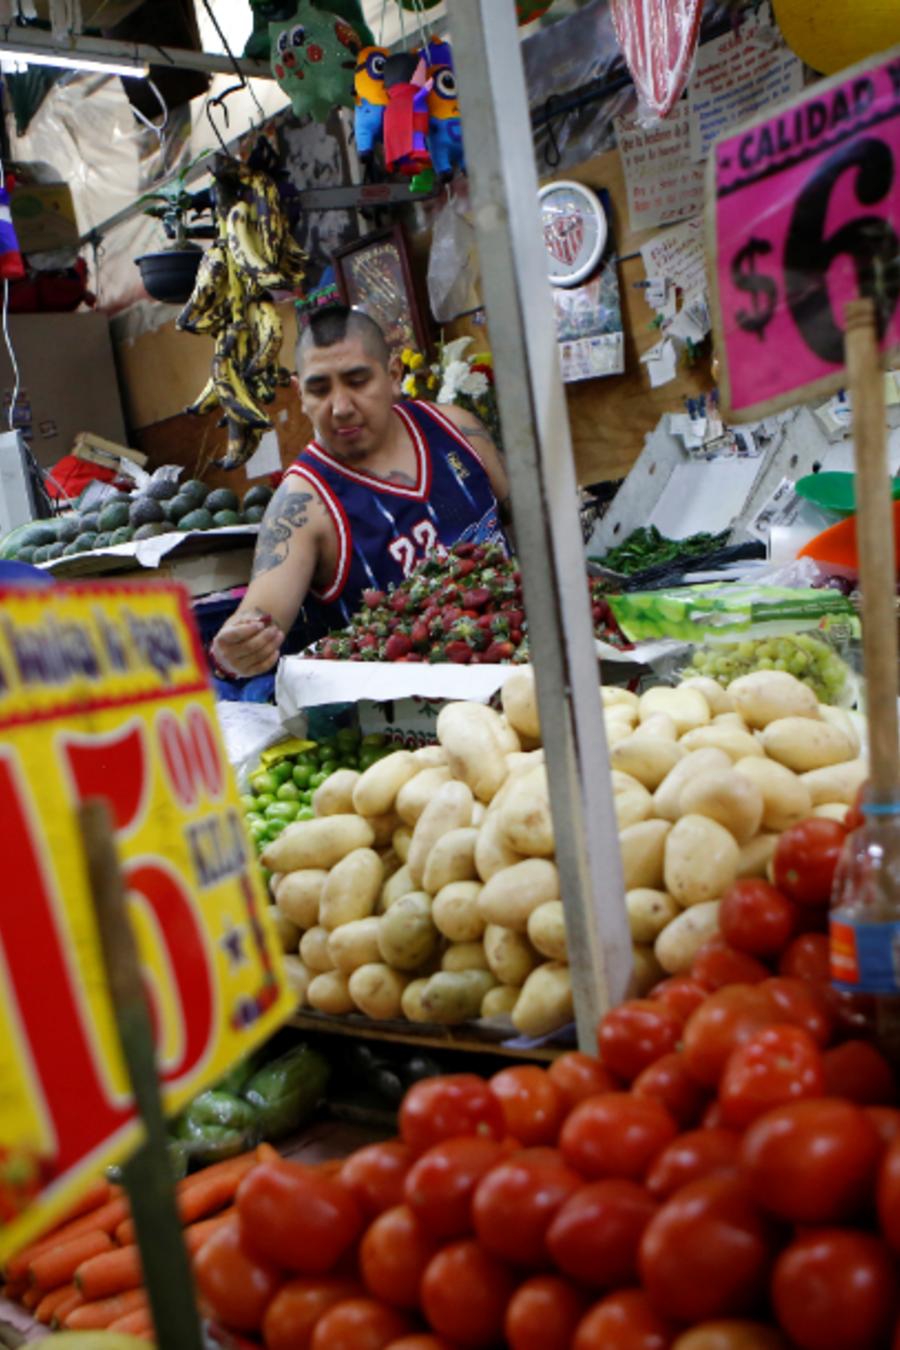 Un puesto de verduras en el Mercado Medellín, en la Ciudad de México, en una imagen de archivo.